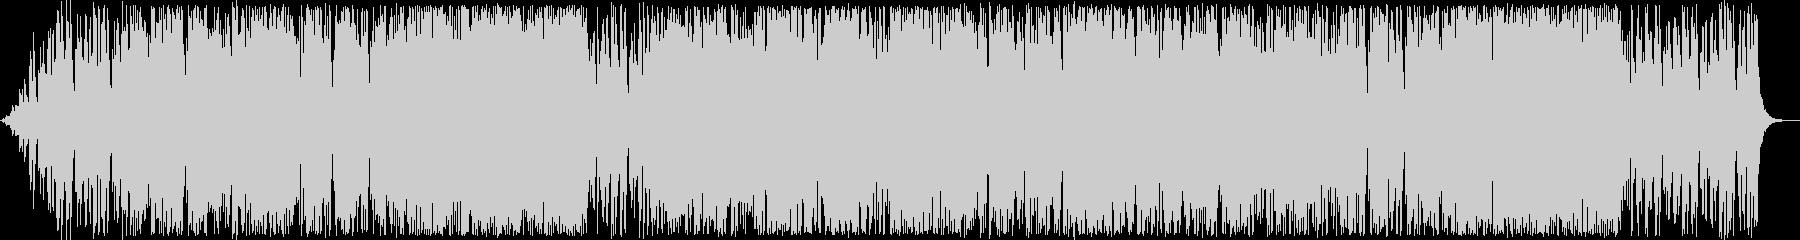 陽気なサックスシンセなどのサウンドの未再生の波形